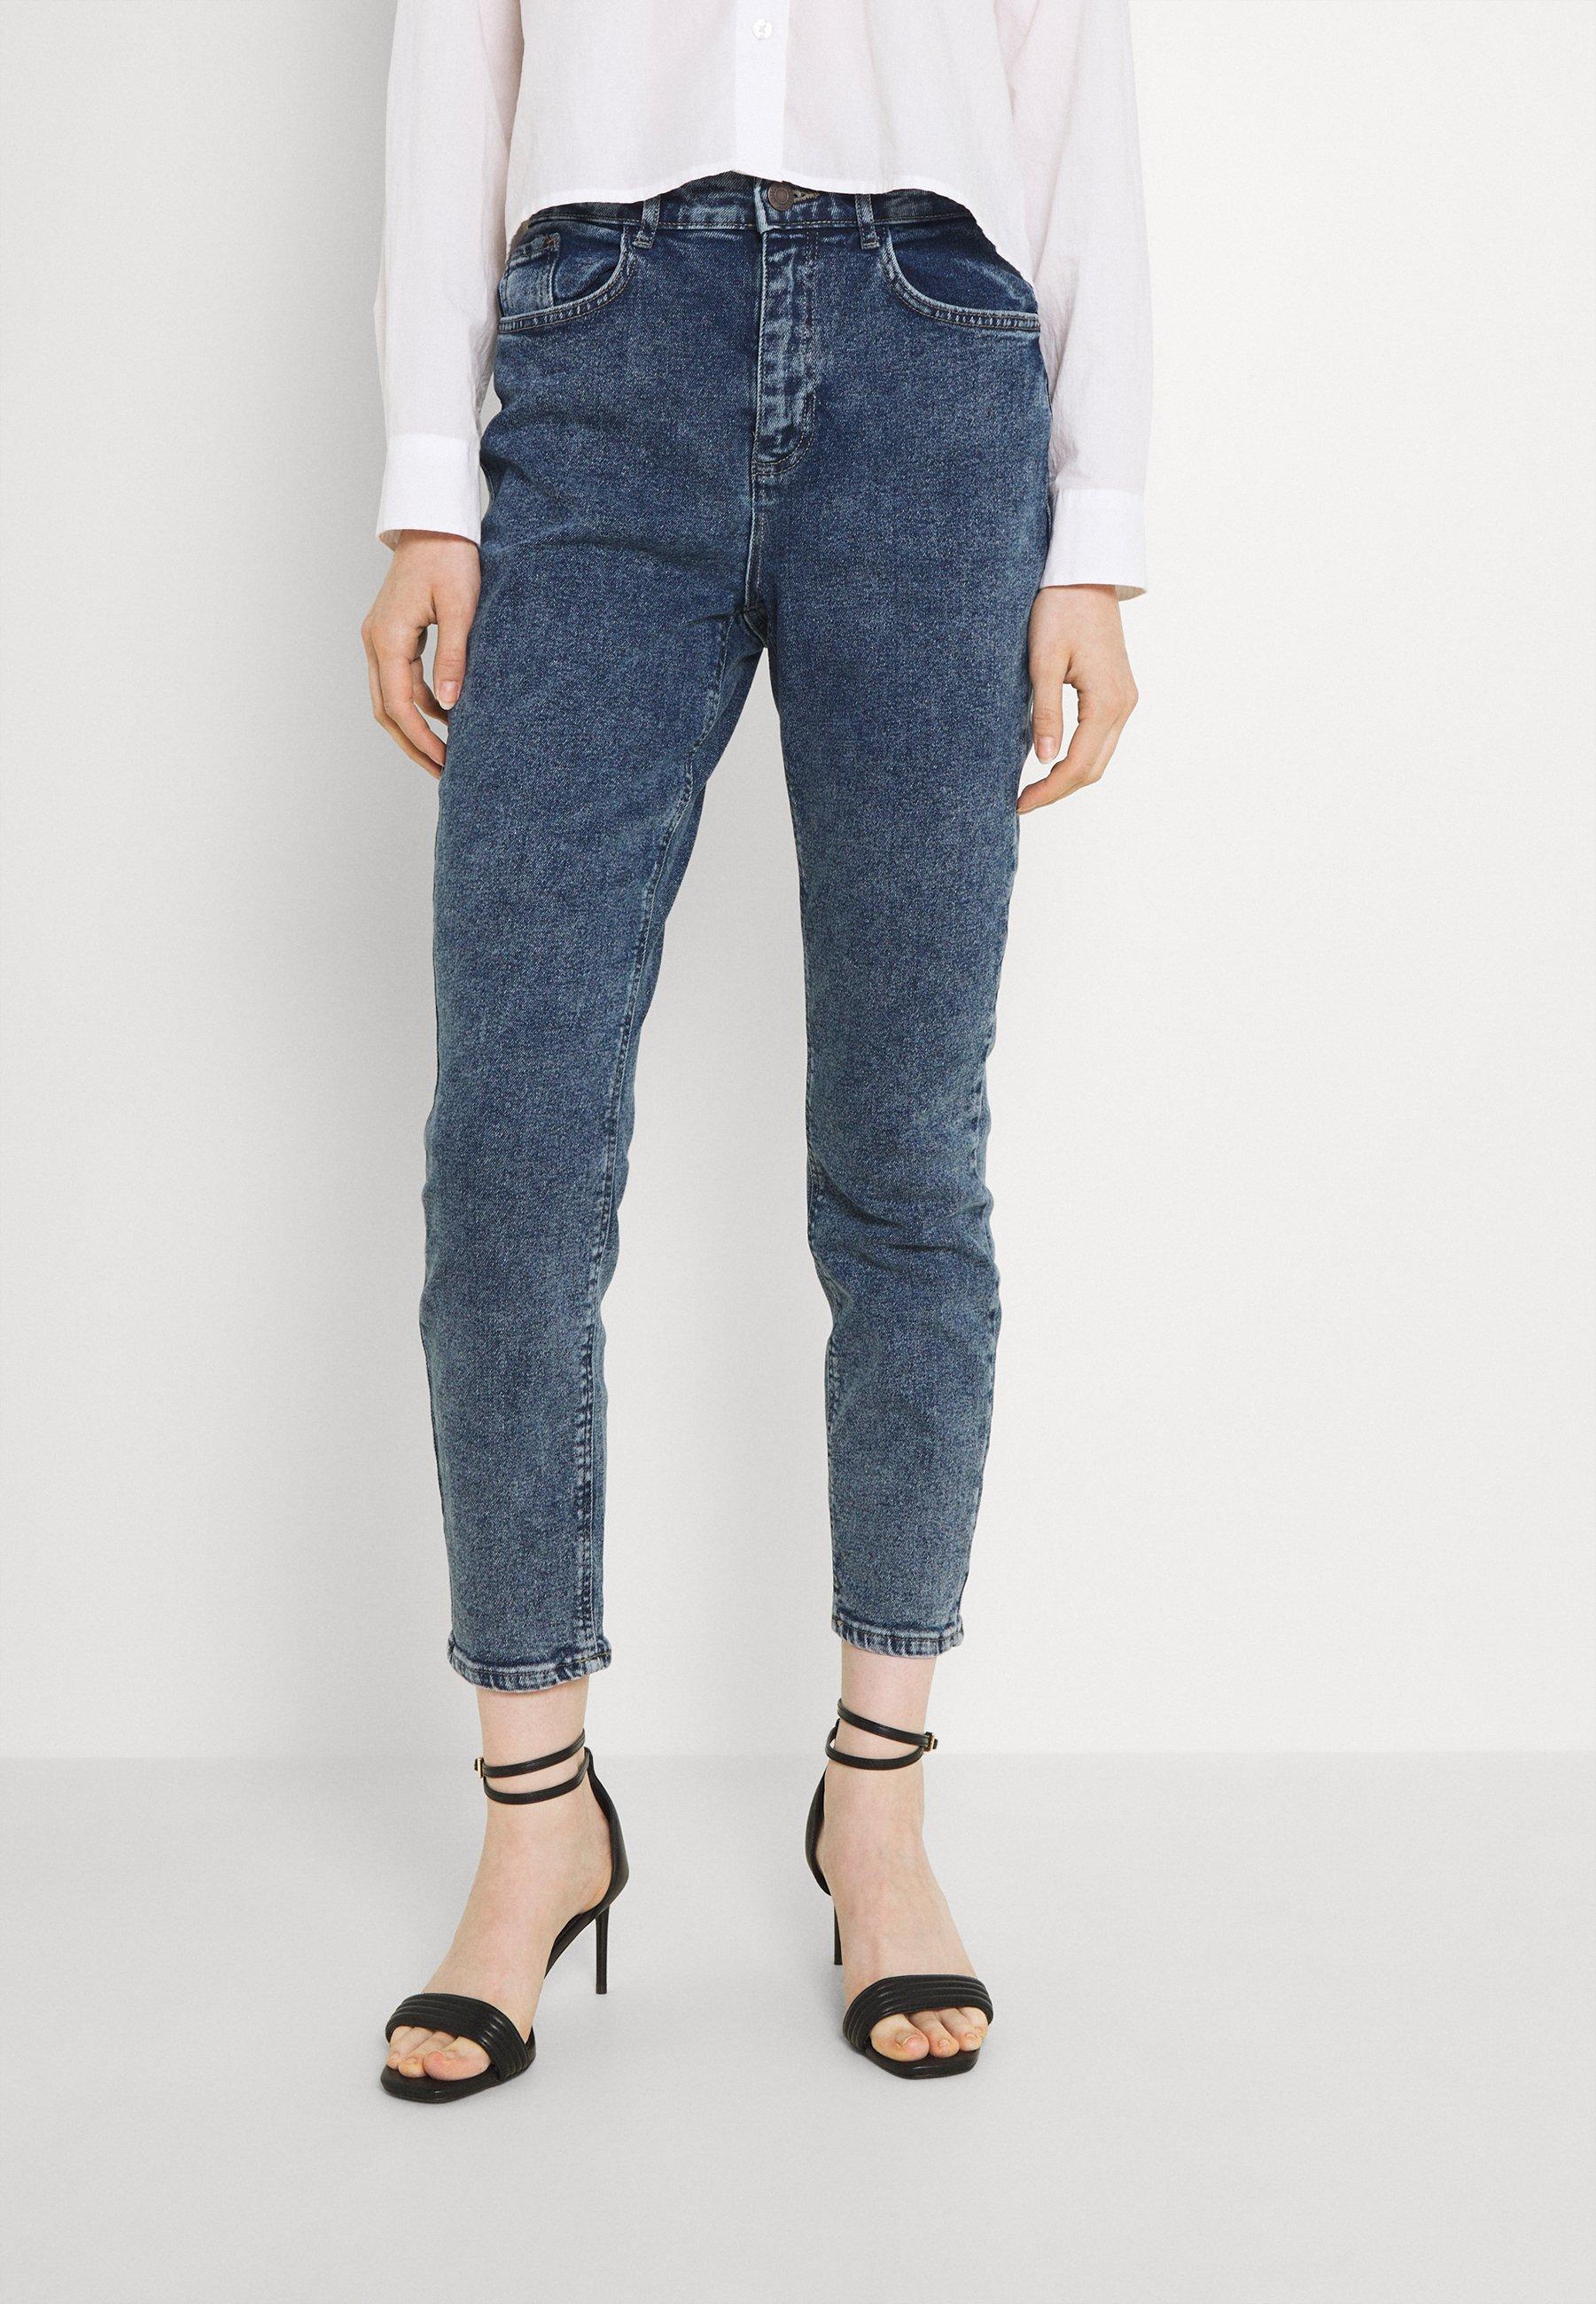 Femme NMKATY - Jeans fuselé